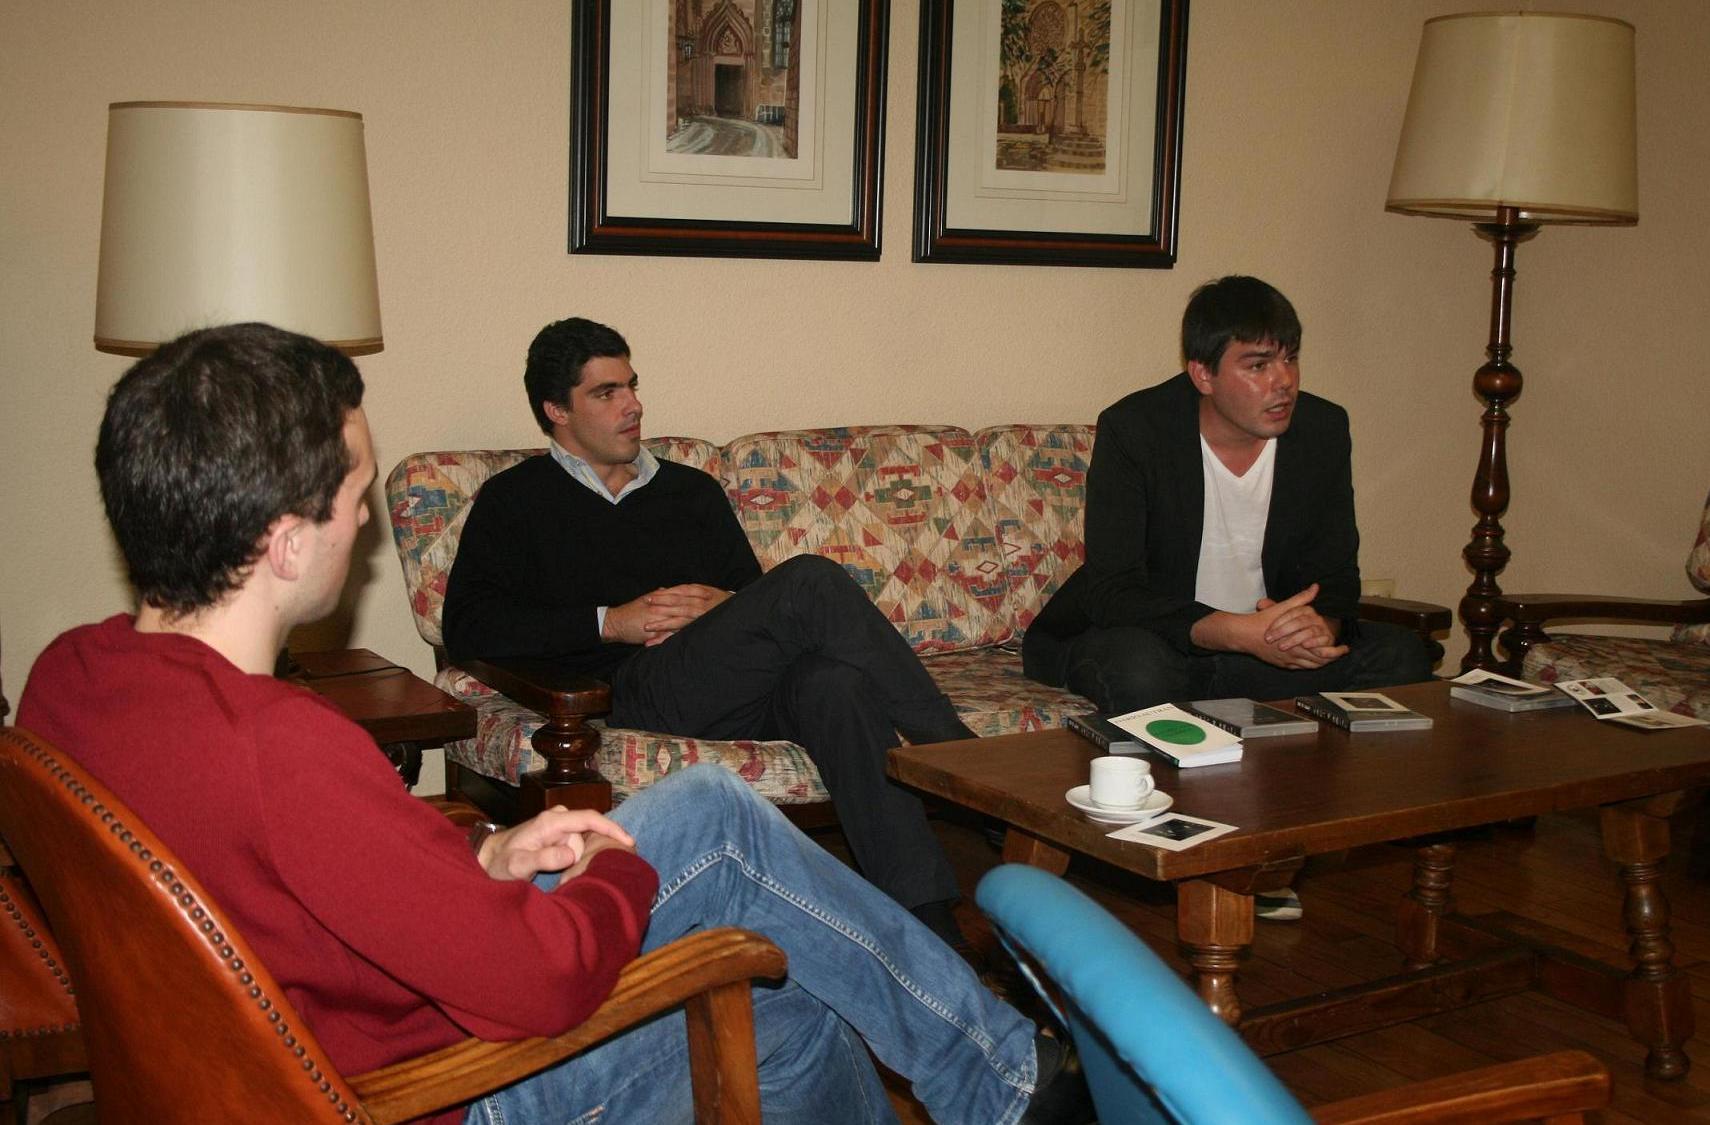 El joven actor y cineasta Darío Autrán, participó en una tertulia en el Colegio Mayor